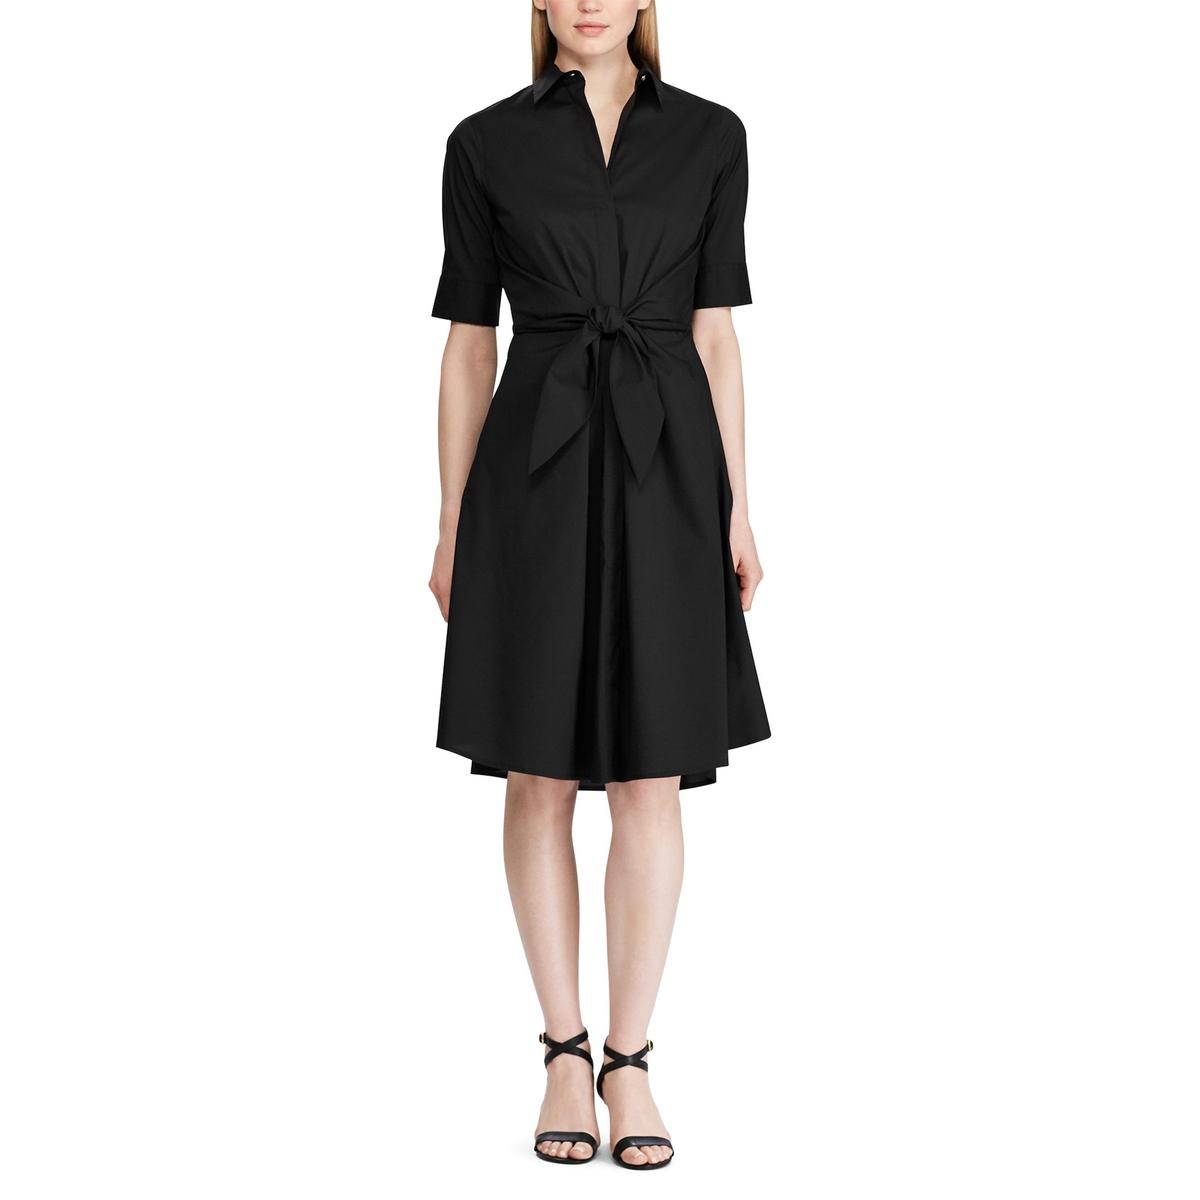 Платье-миди La Redoute Расклешенное с короткими рукавами 38 (FR) - 44 (RUS) черный платье la redoute расклешенное с короткими рукавами с гипюром 42 fr 48 rus черный